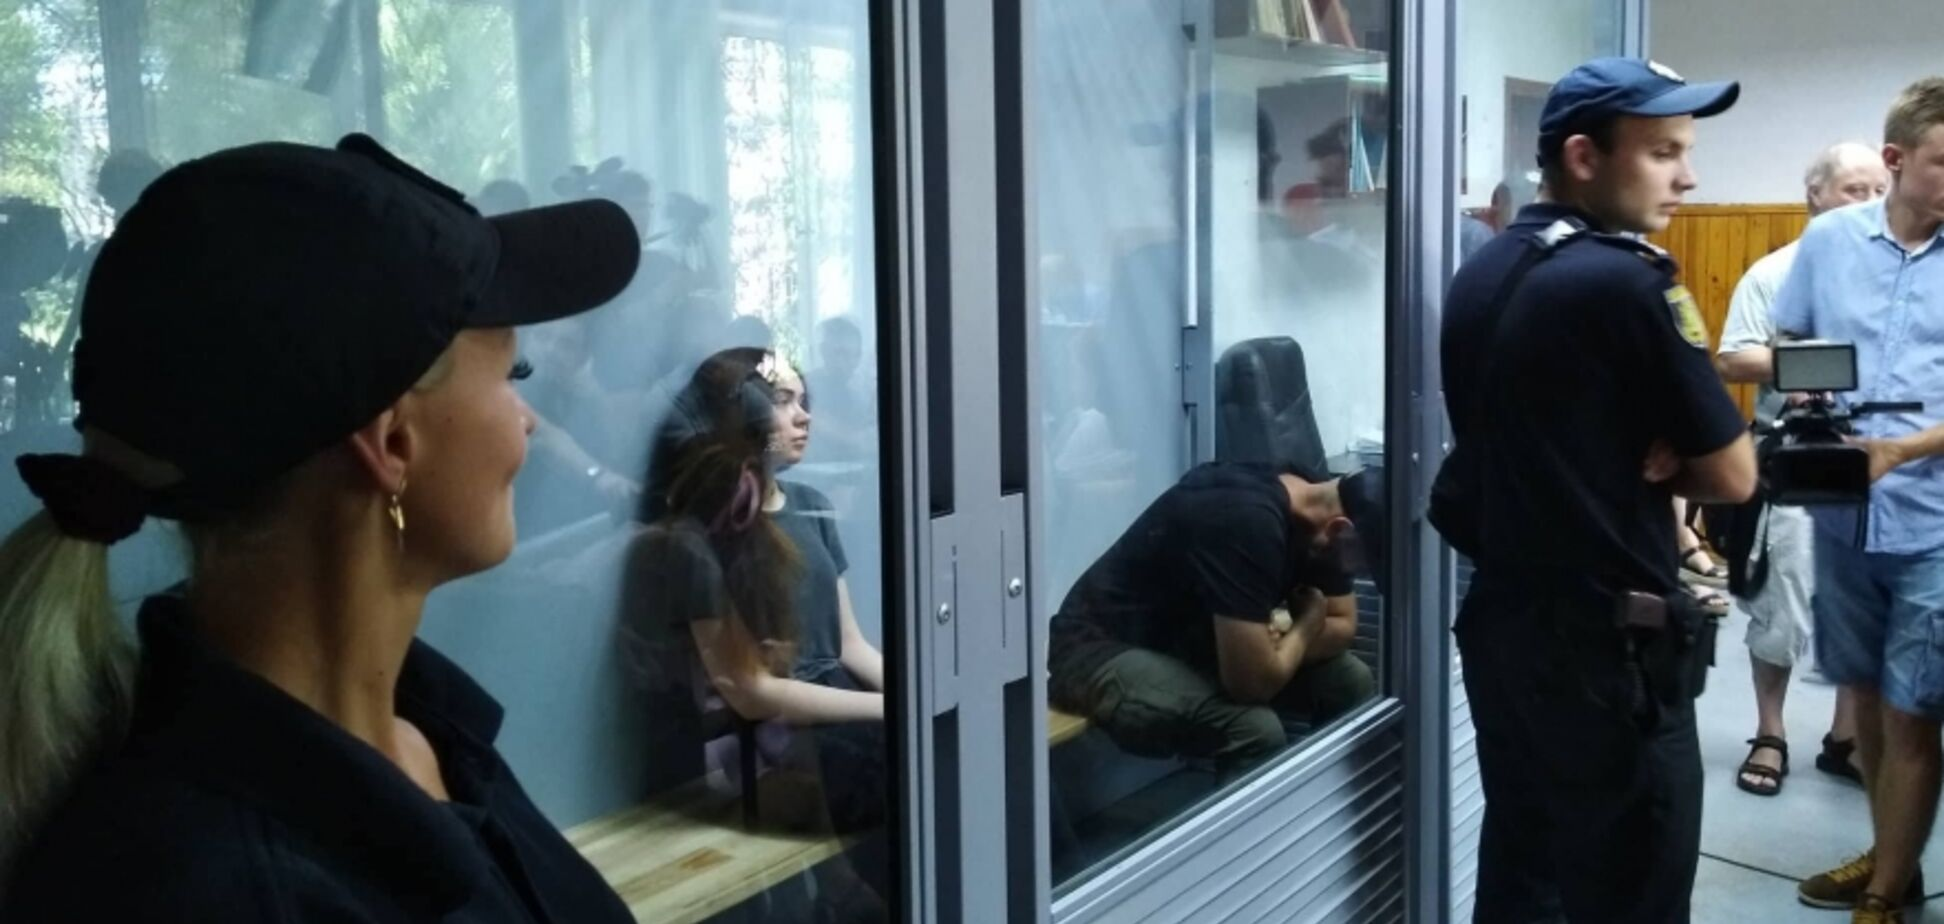 Зайцева была в наркотическом опьянении: появились скандальные подробности ДТП в Харькове